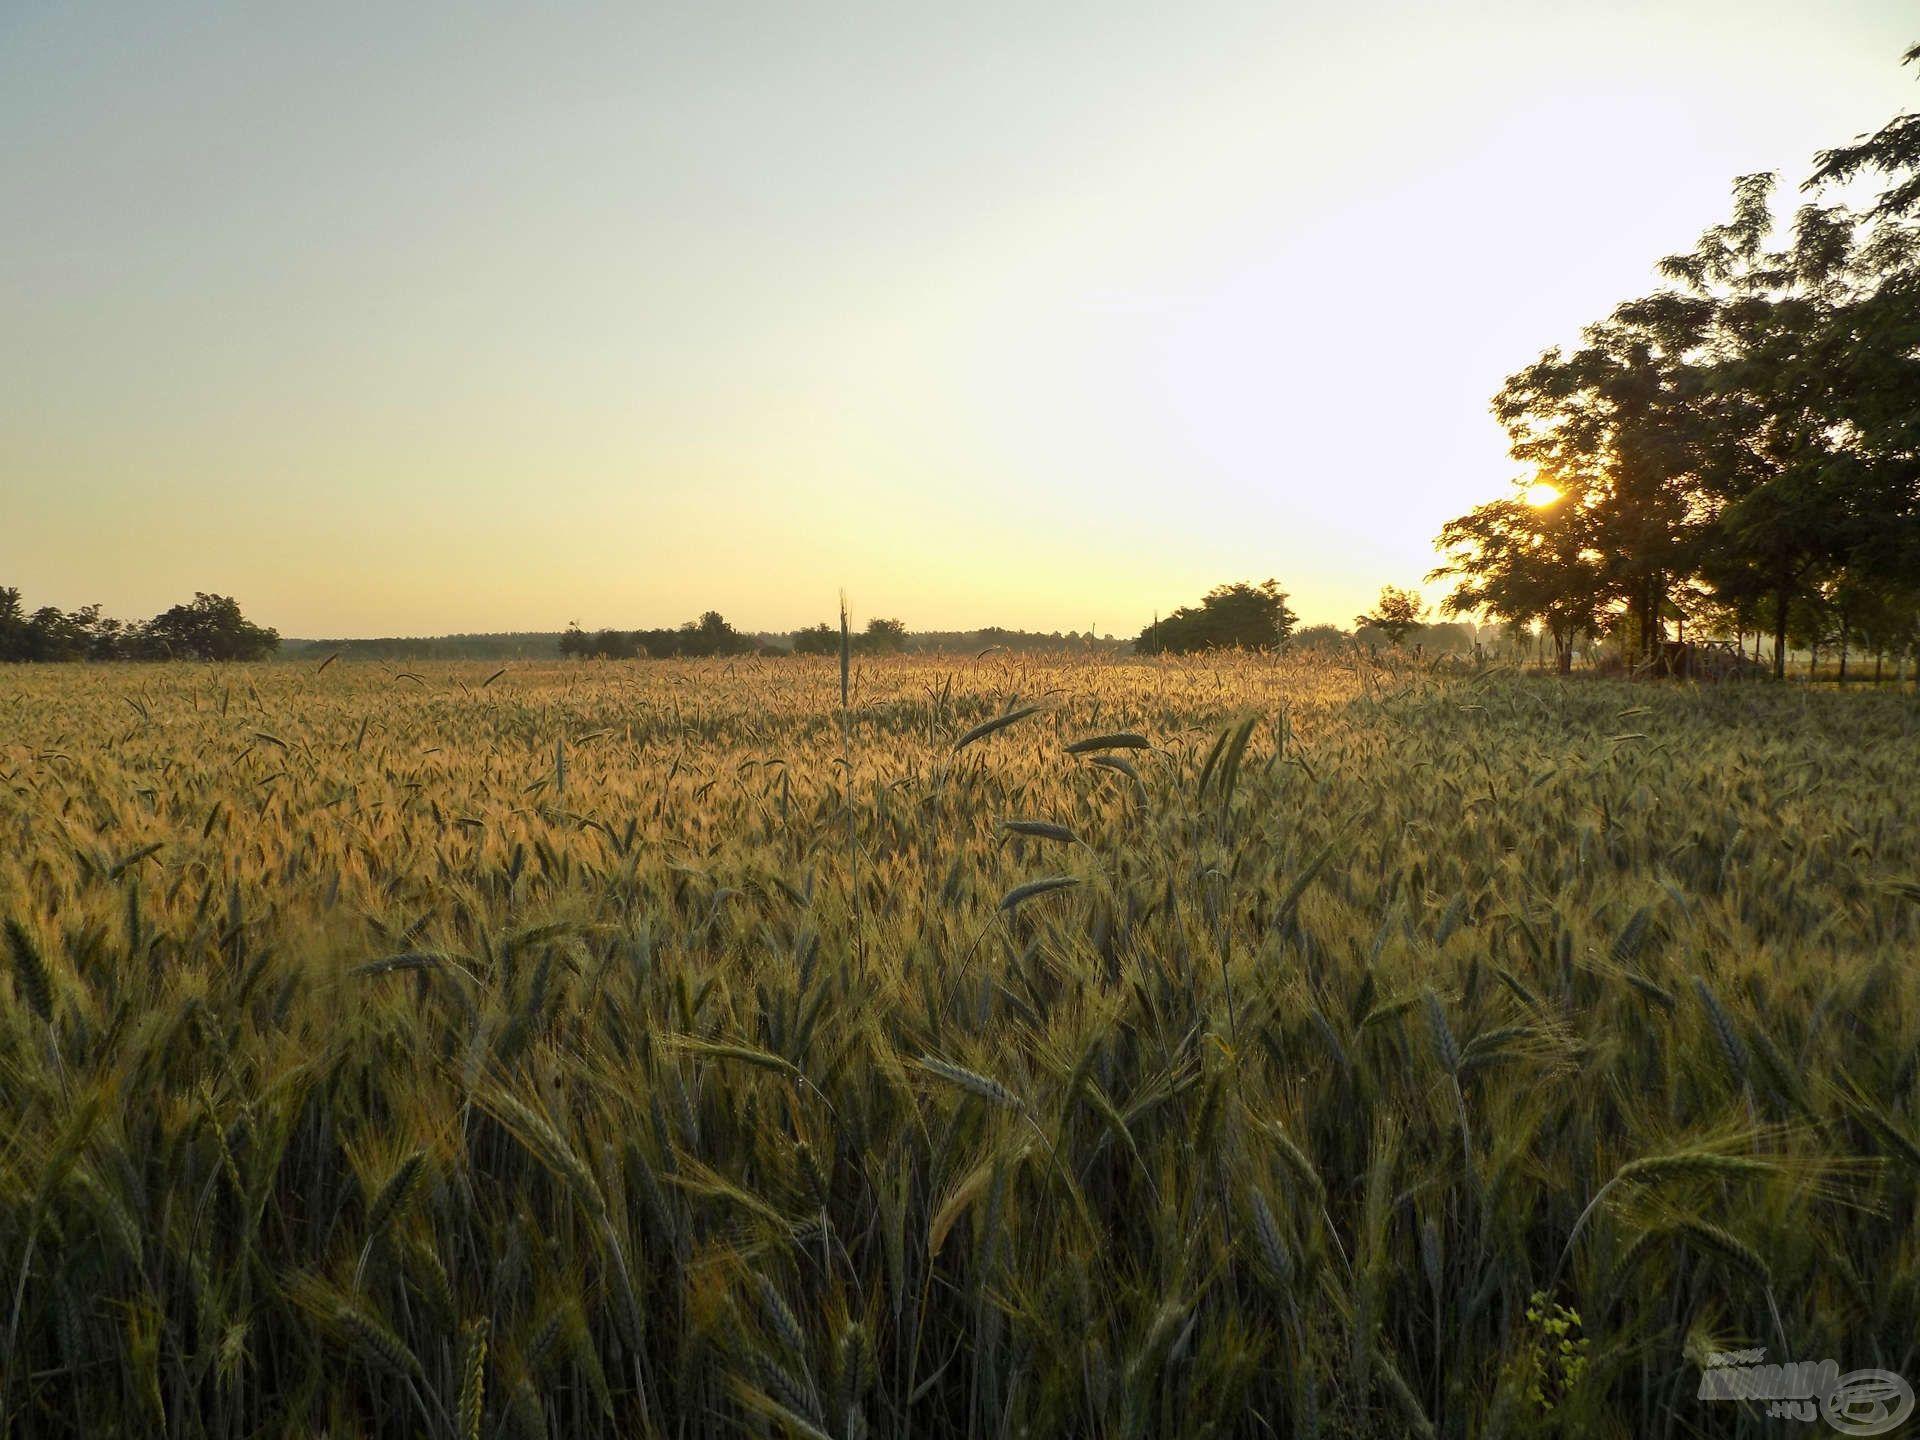 Csodálatos napfelkeltével összekötött panorámában gyönyörködhettem… remek érzés a természetben ébredni…